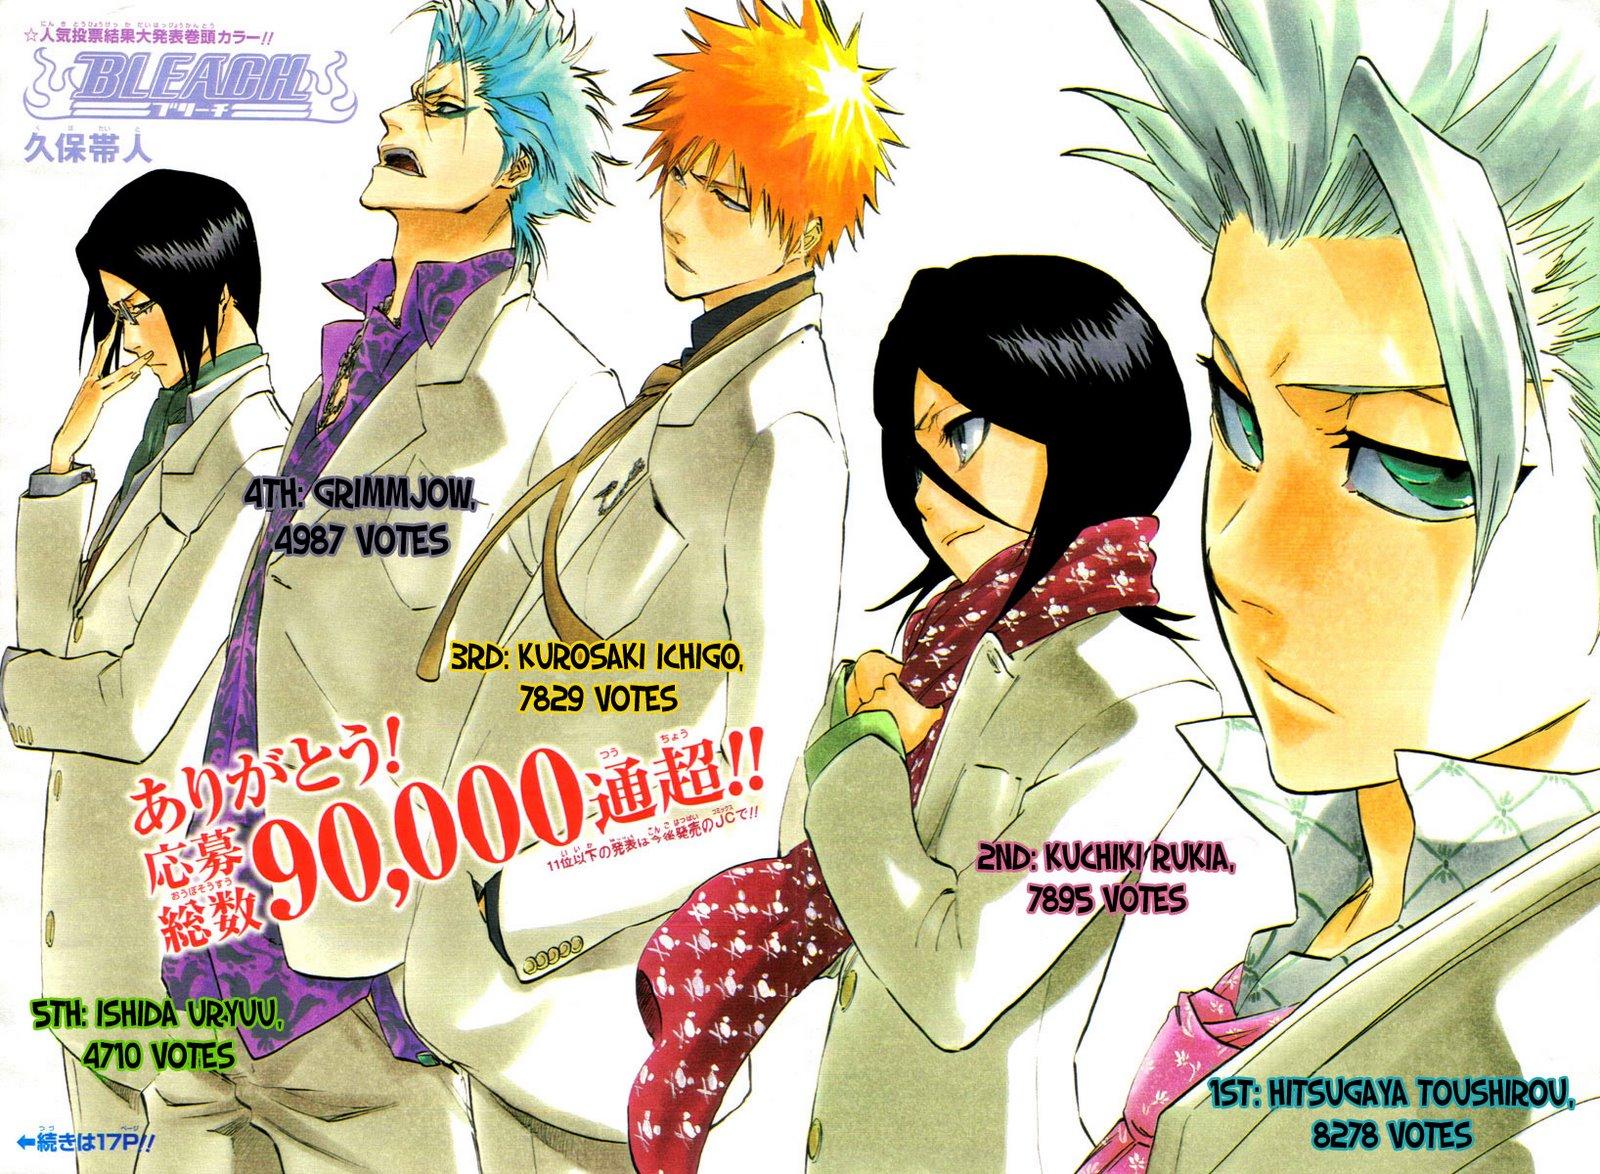 صور انمي | صور انمي بليتش 6 Bleach-popularity-poll-2008-bleach-anime-778670_1600_1174